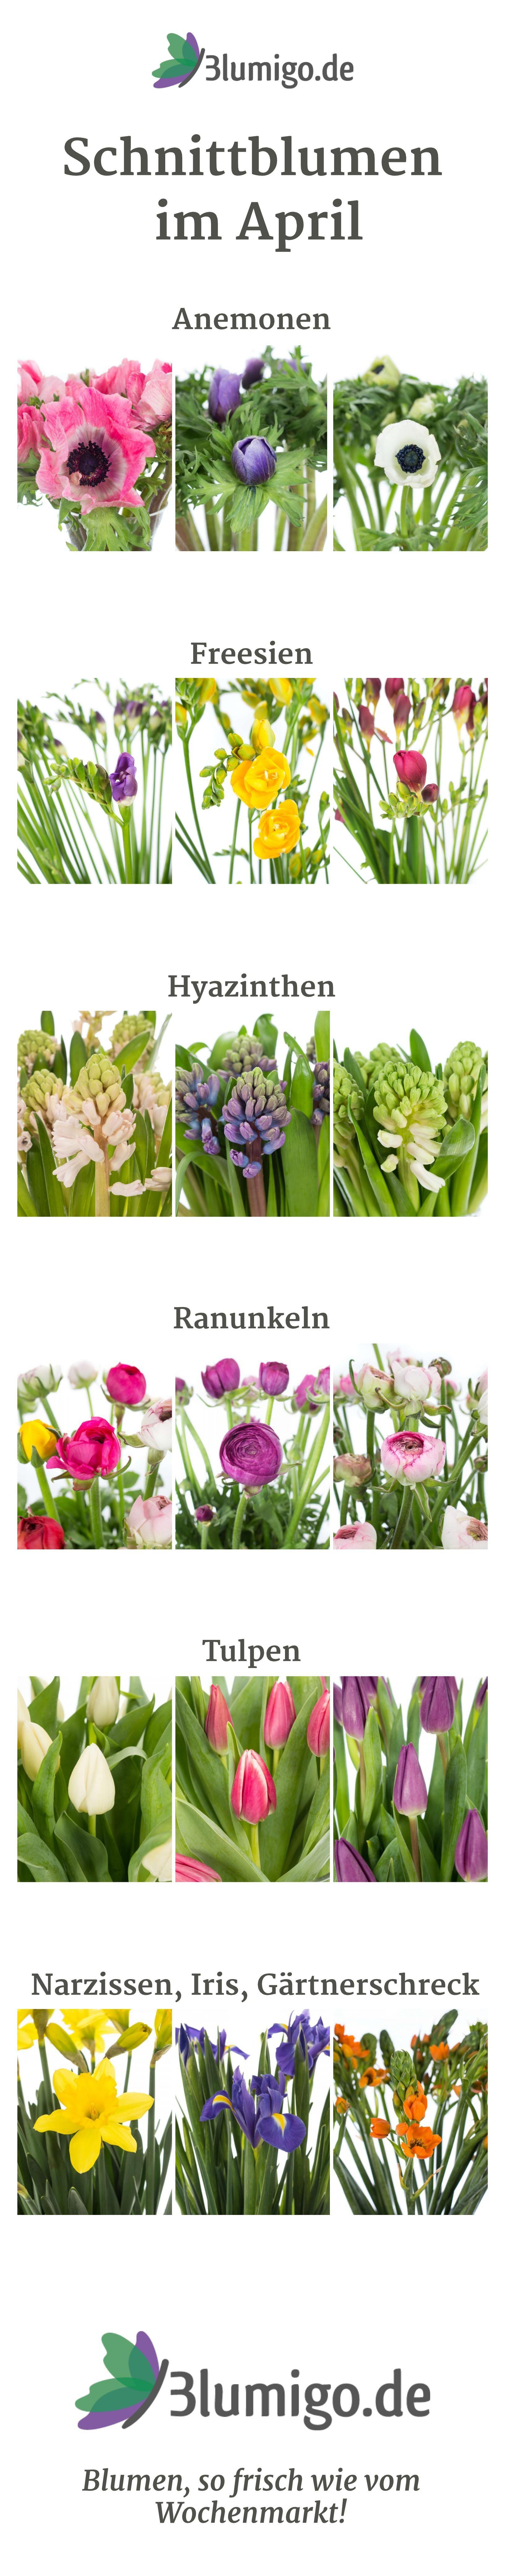 Welche Blumen gibt es im April Schnittblumen SaisonKalender  Hochzeit  Brautstrue Frhling